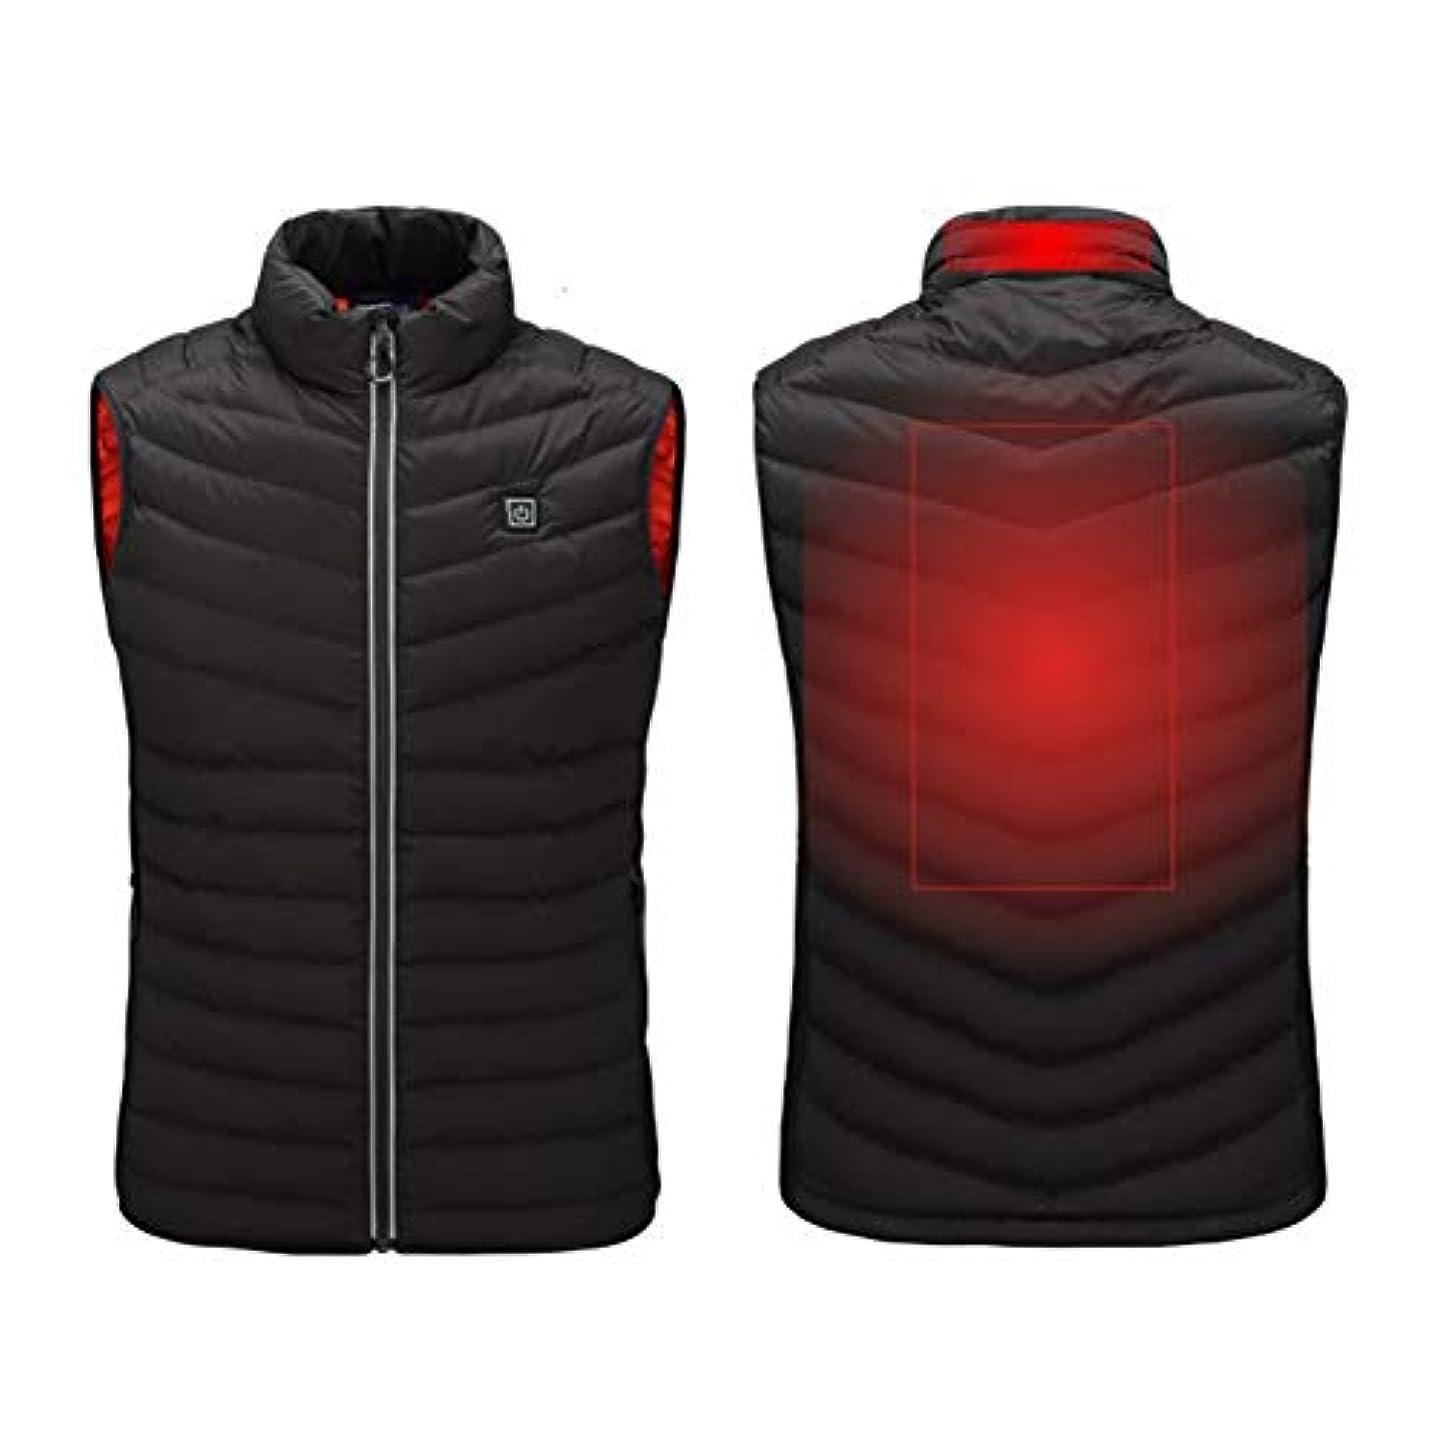 おシティメキシコ電気の 男性用 冬 あたたかい ベスト、 USB セキュリティ インテリジェント 定数 温度 と 3 調整可能 気温 暖房 ウォーマー 衣類 ために アウトドア キャンプ、 ハイキング,黒,XL